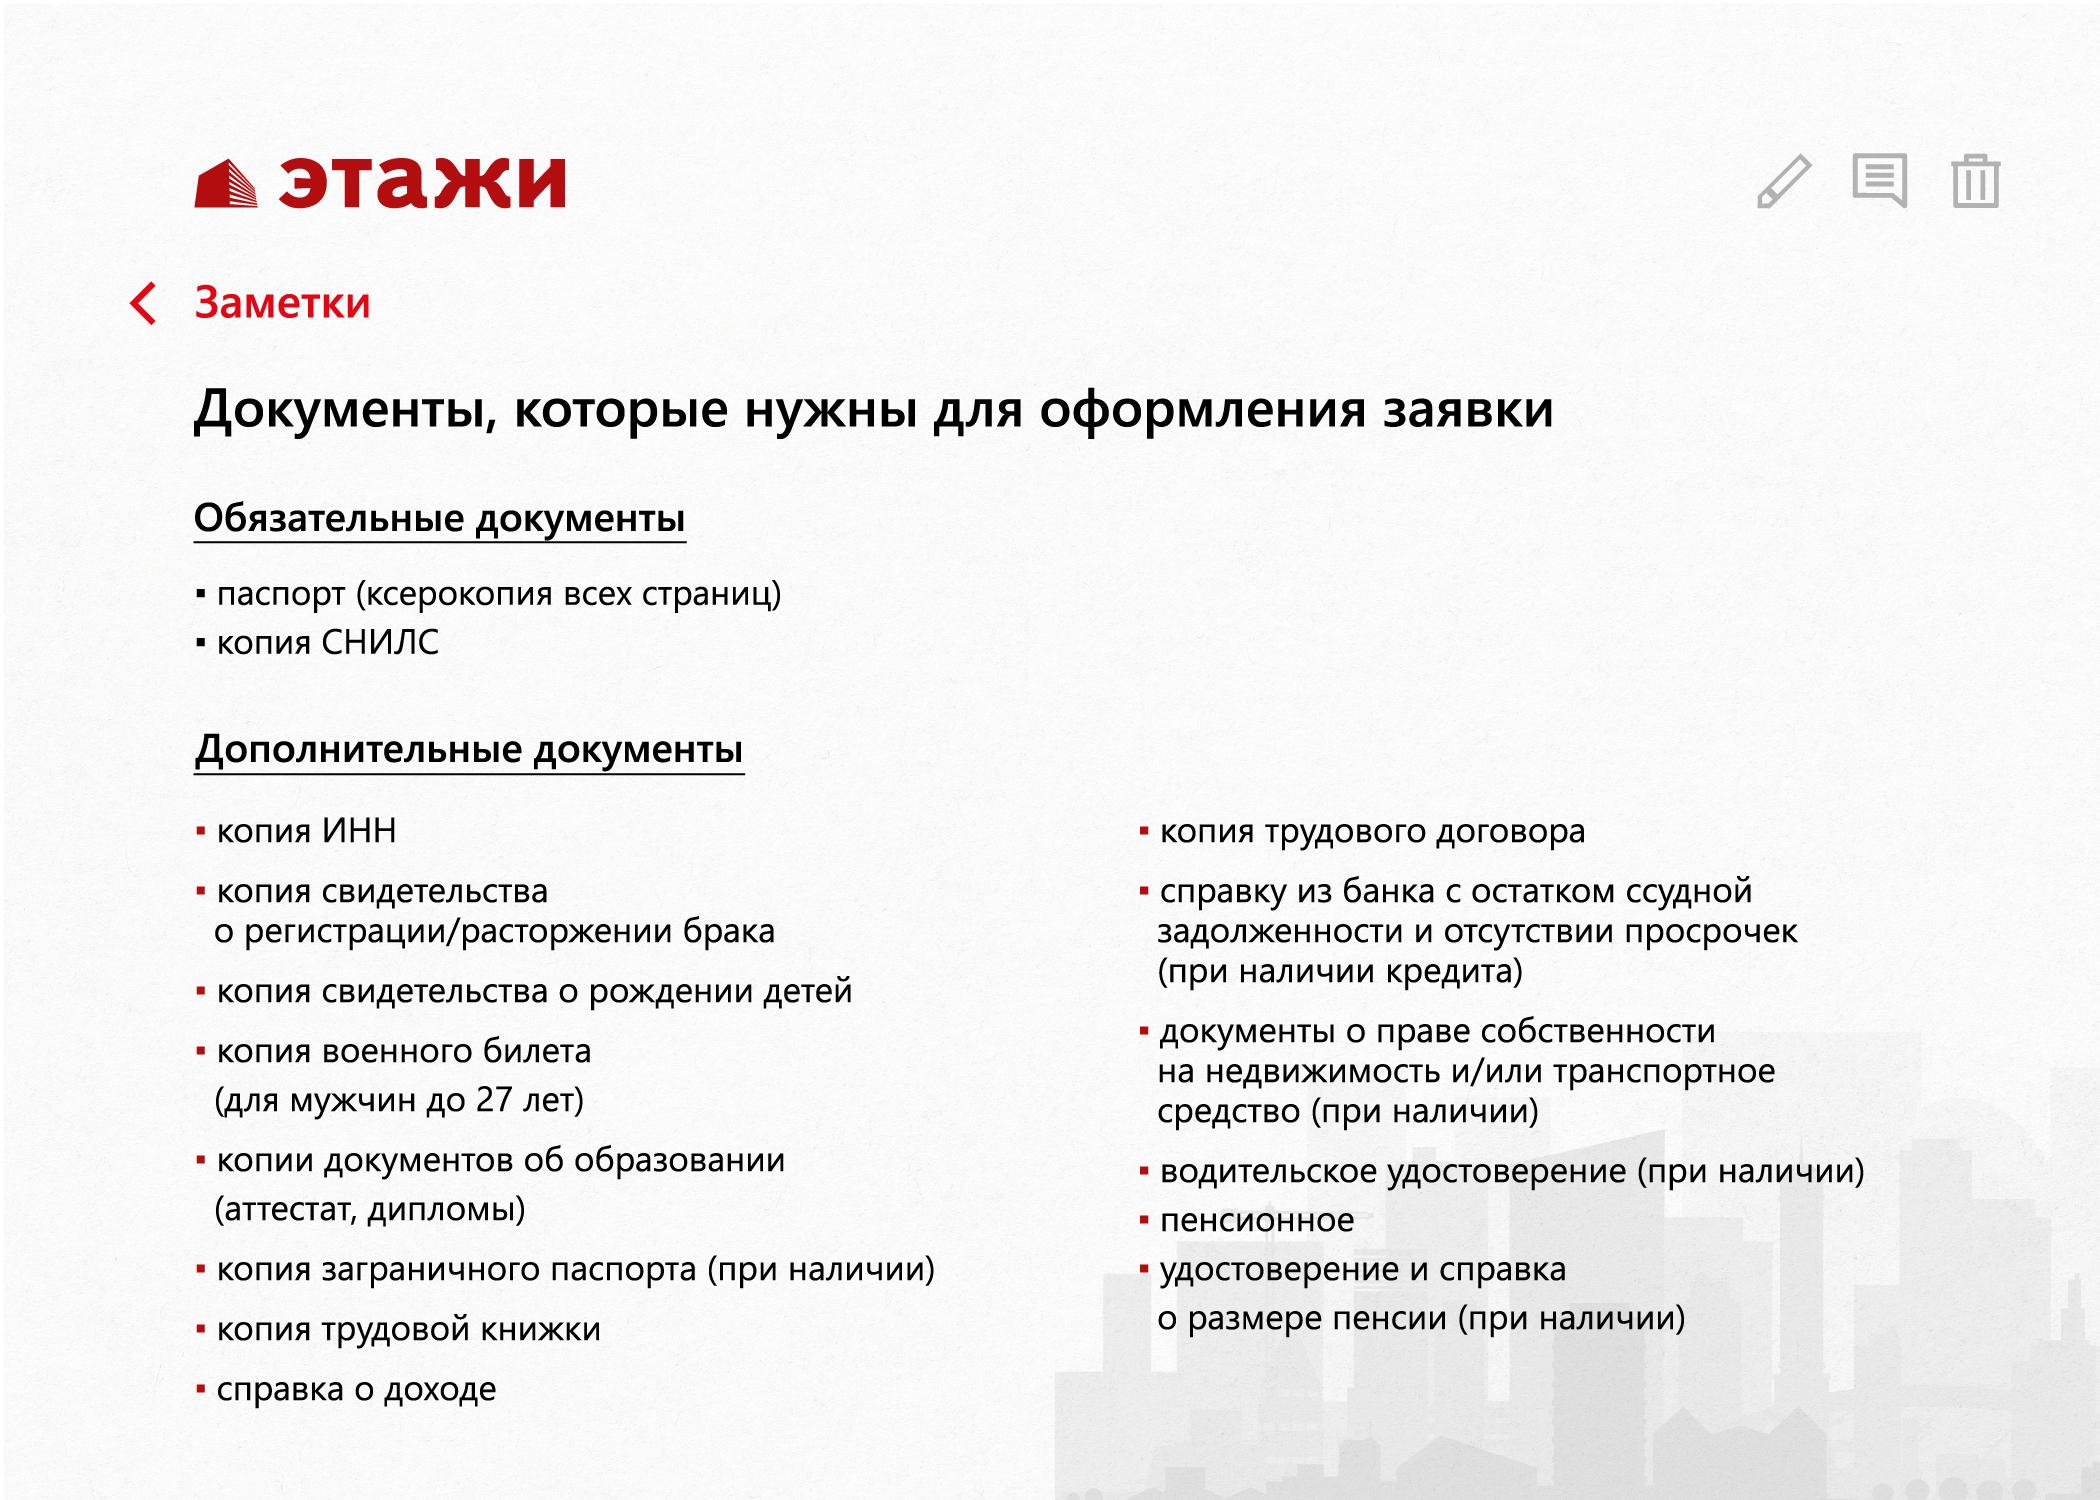 ВКС_Документы-схема-(перечень).jpg